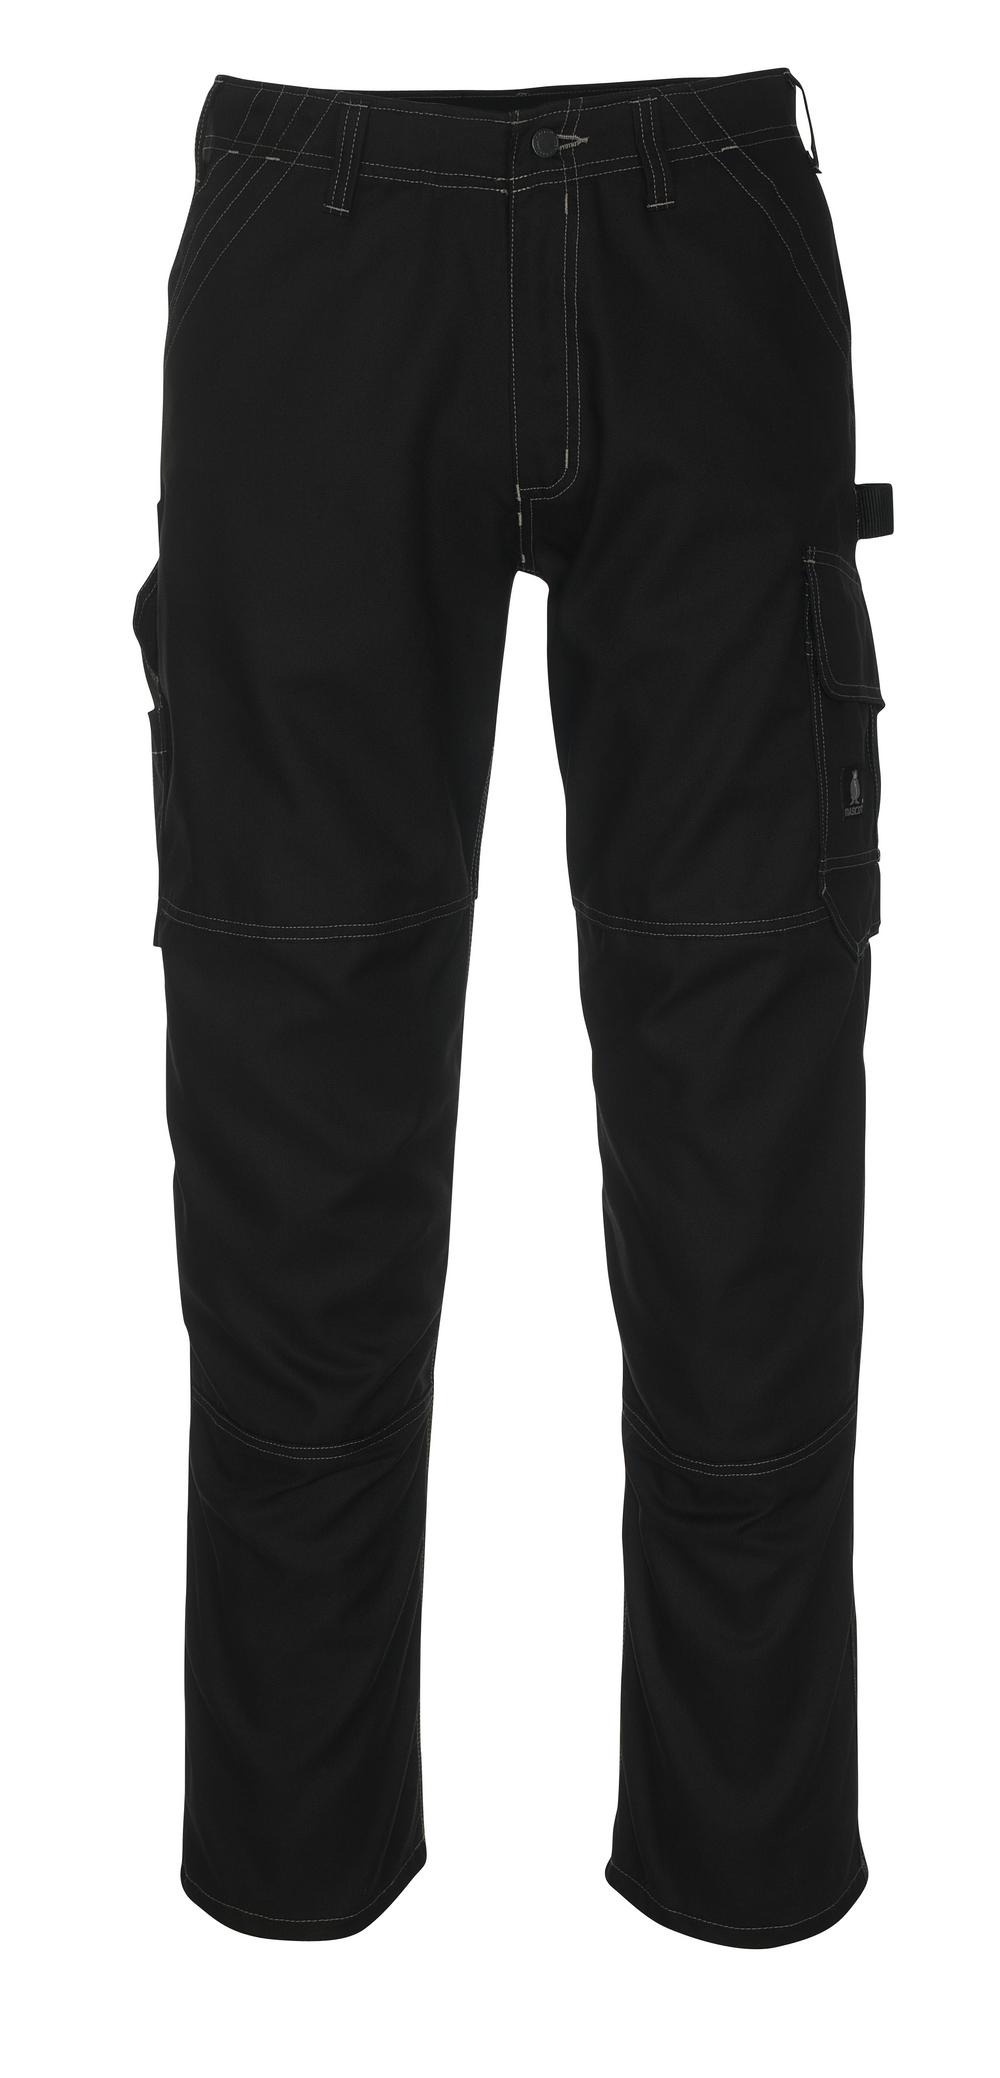 08679-154-09 Byxor med lårfickor - svart